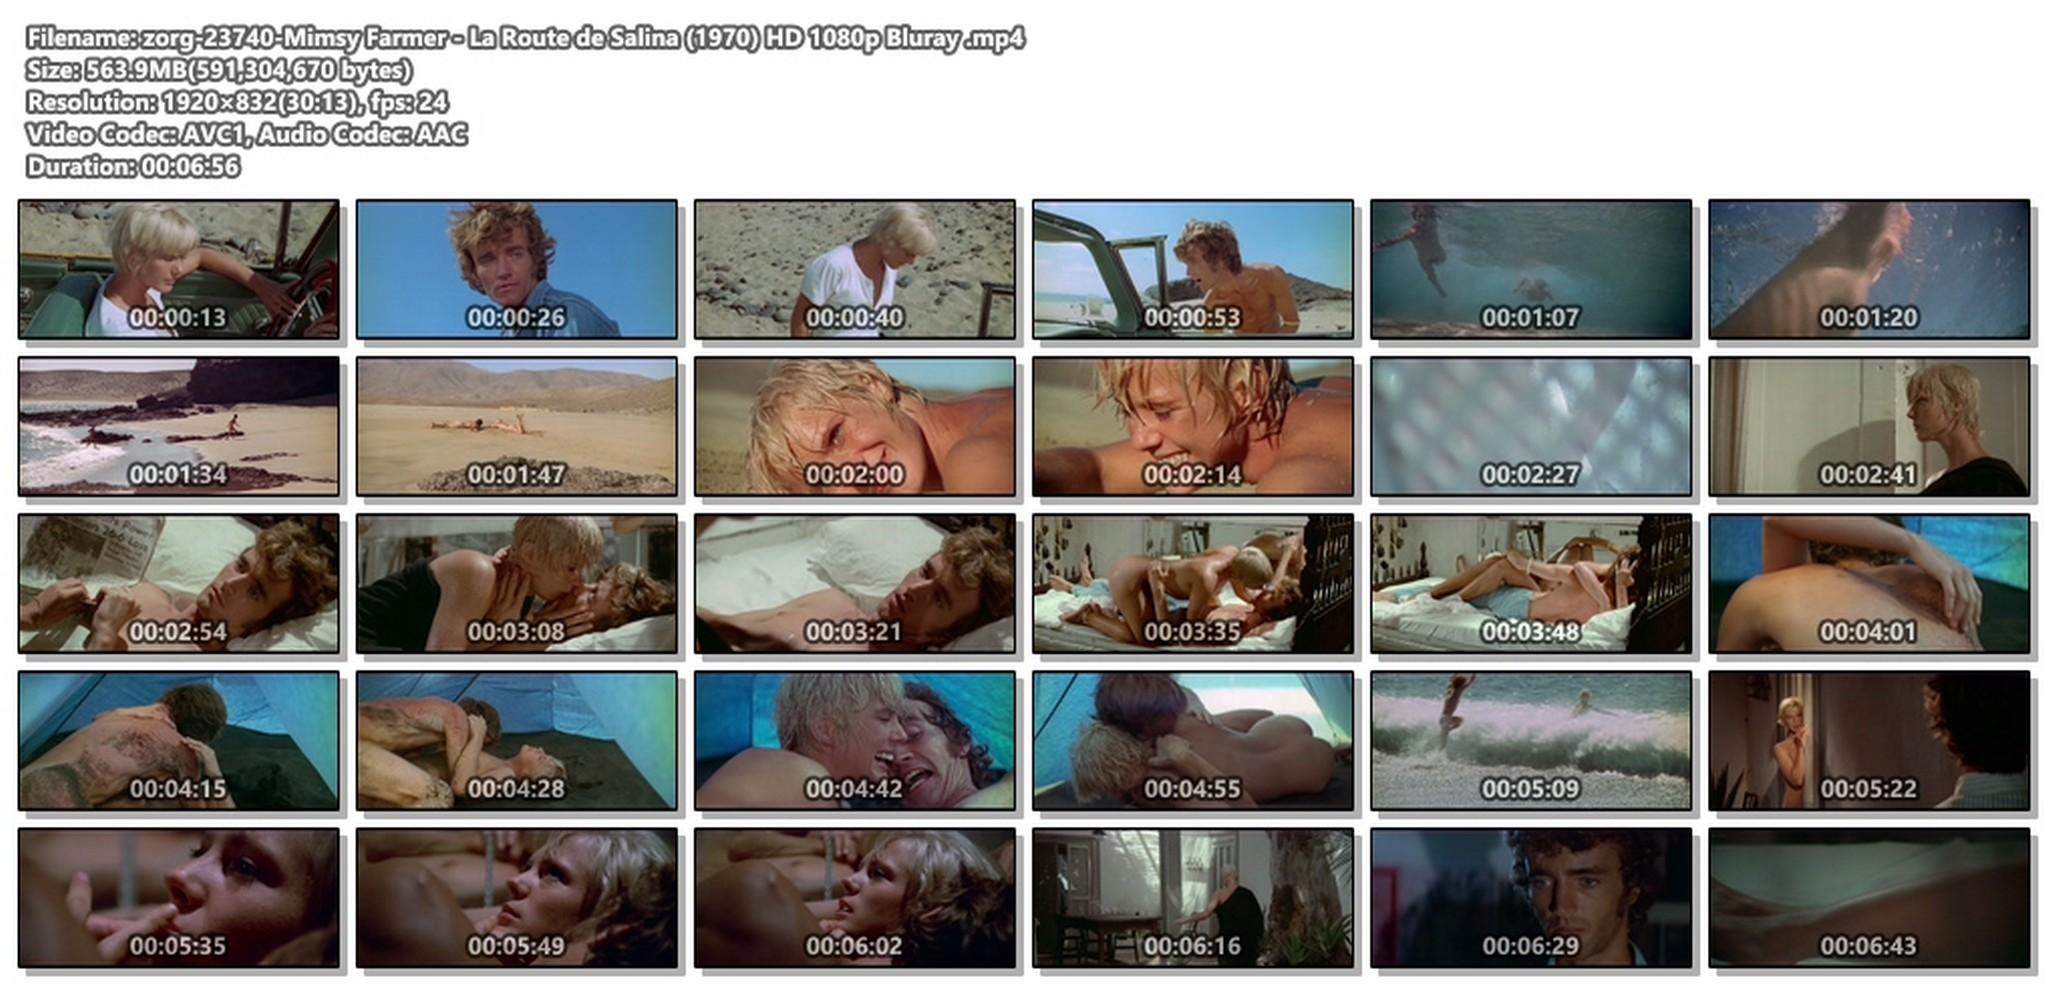 Mimsy Farmer nude full frontal - La Route de Salina (1970) HD 1080p Bluray (1)